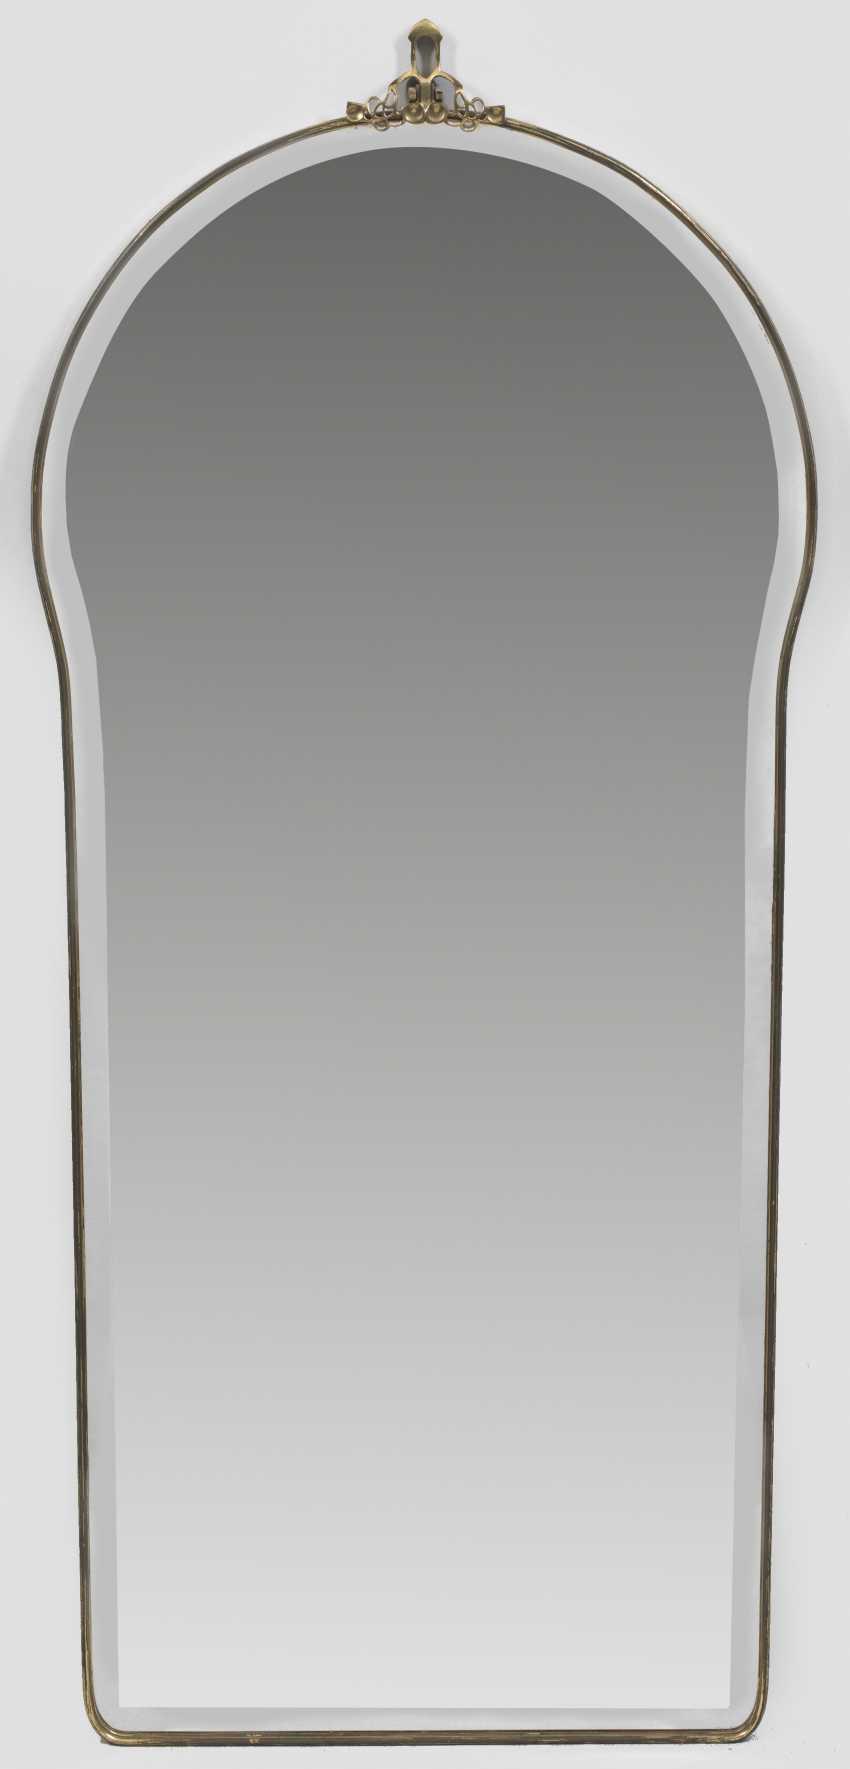 Большое настенное зеркало в стиле модерн от Ричарда riemer Шмид - фото 1